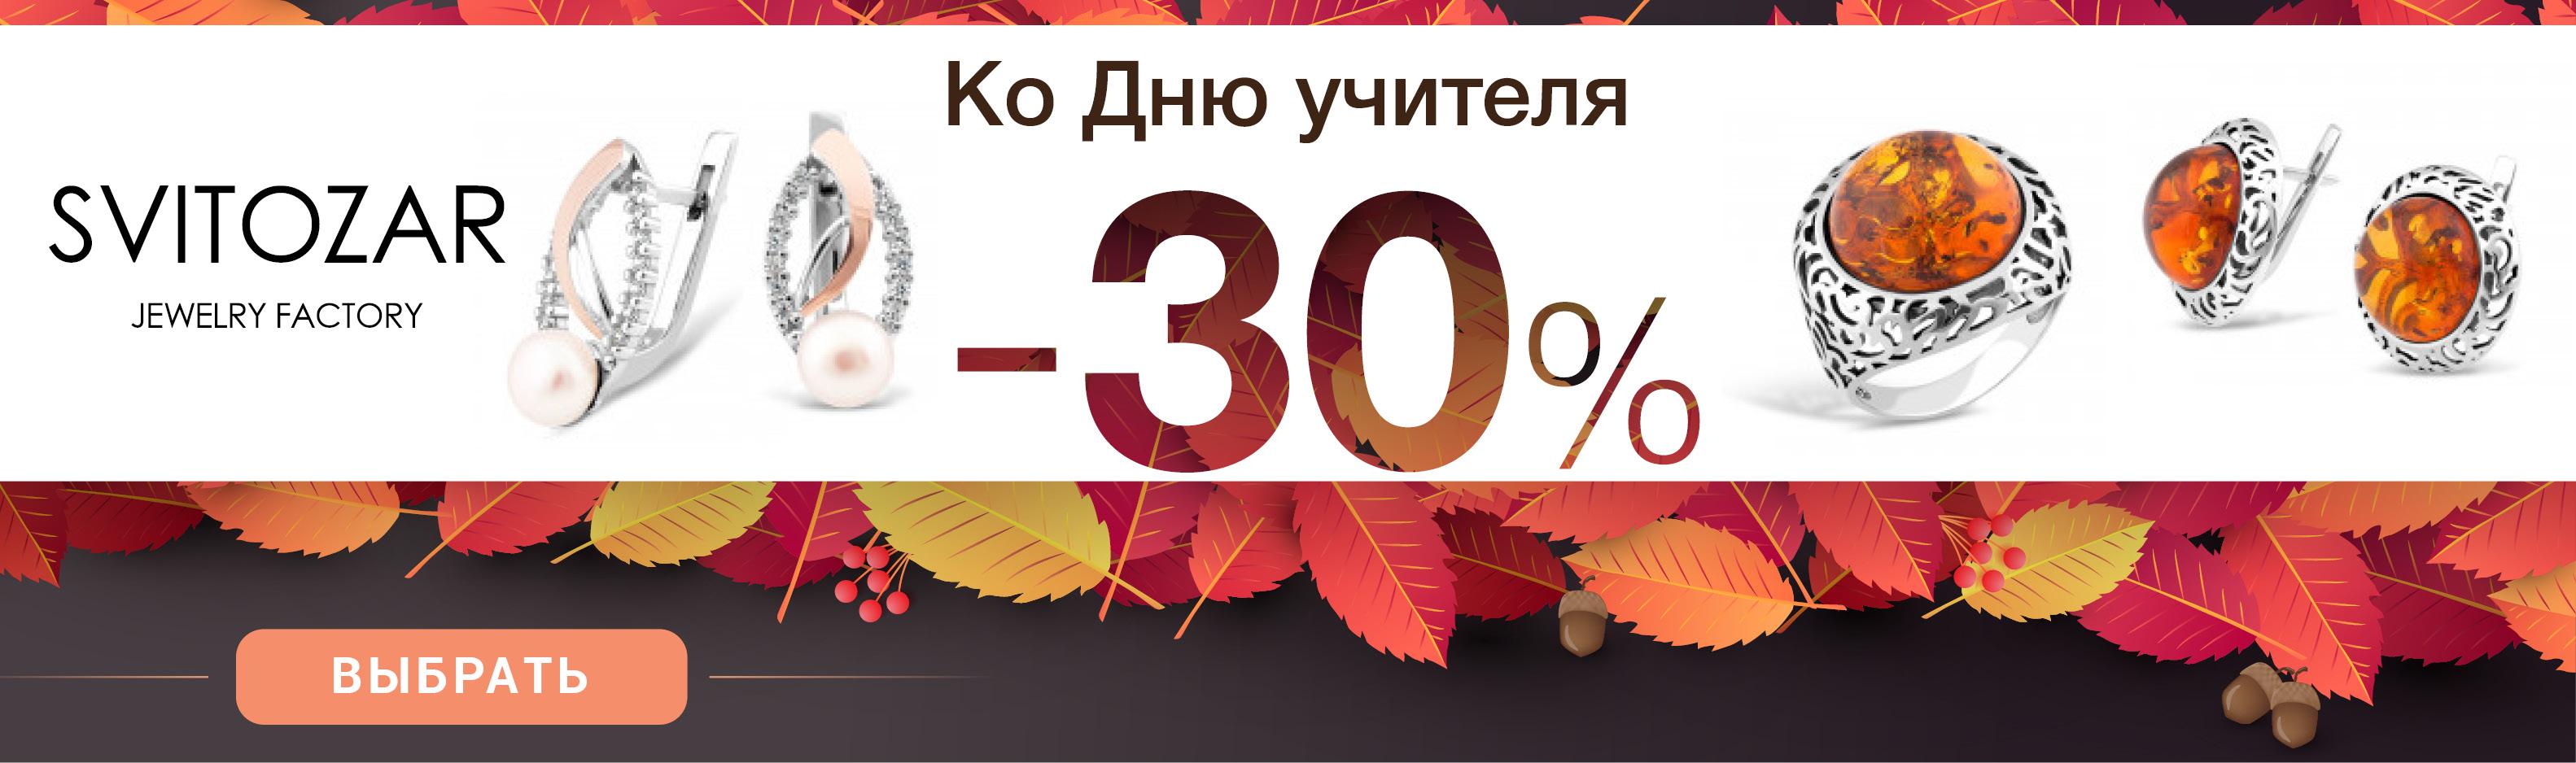 Акция ко Дню учителя 30%